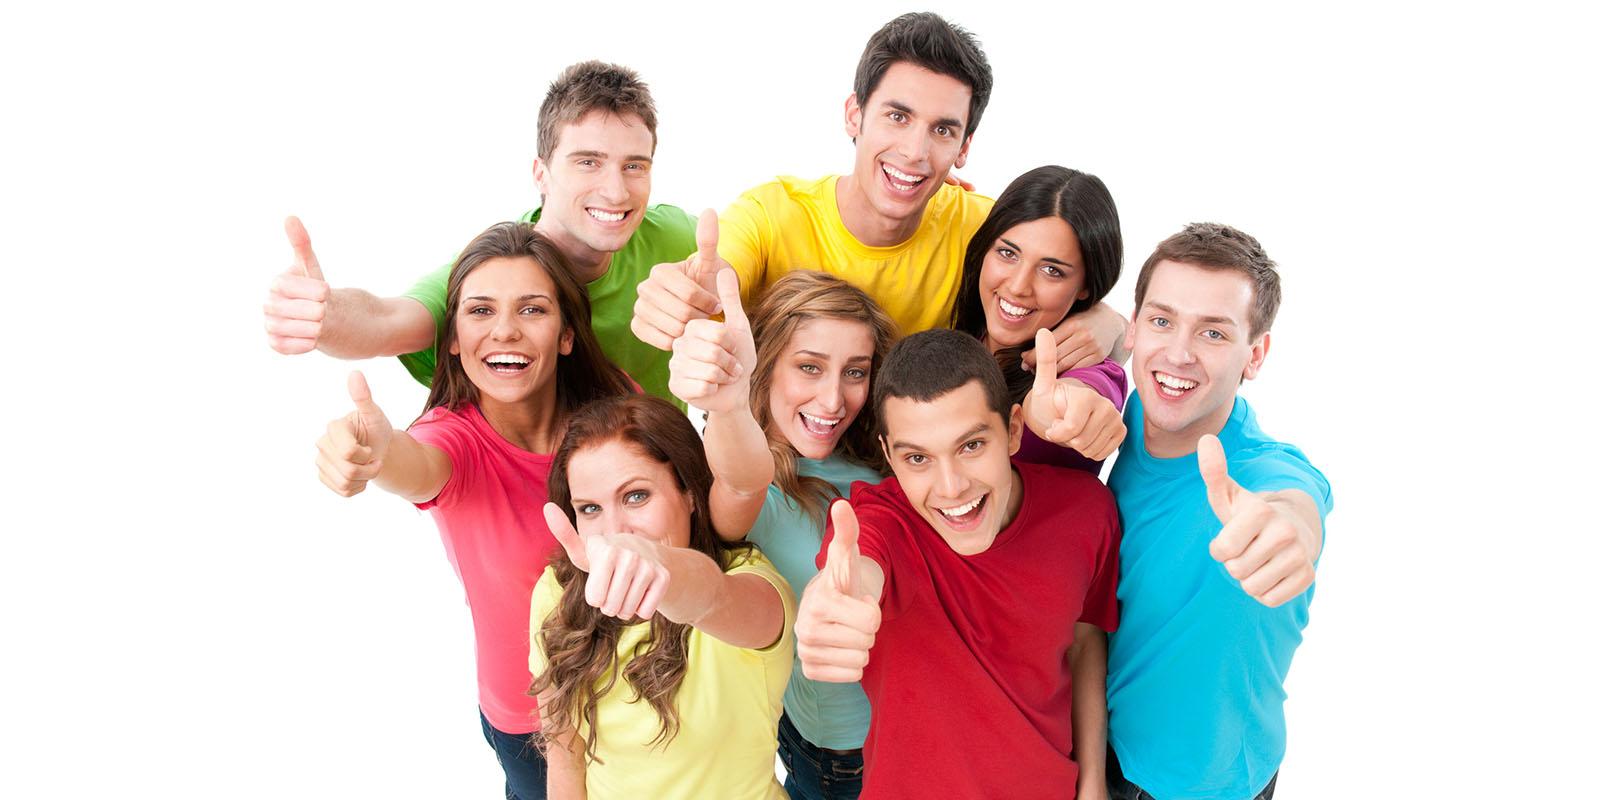 Meslek lisesi öğrencileri, üniversite sınavları öncesinde izin kullanabilecek